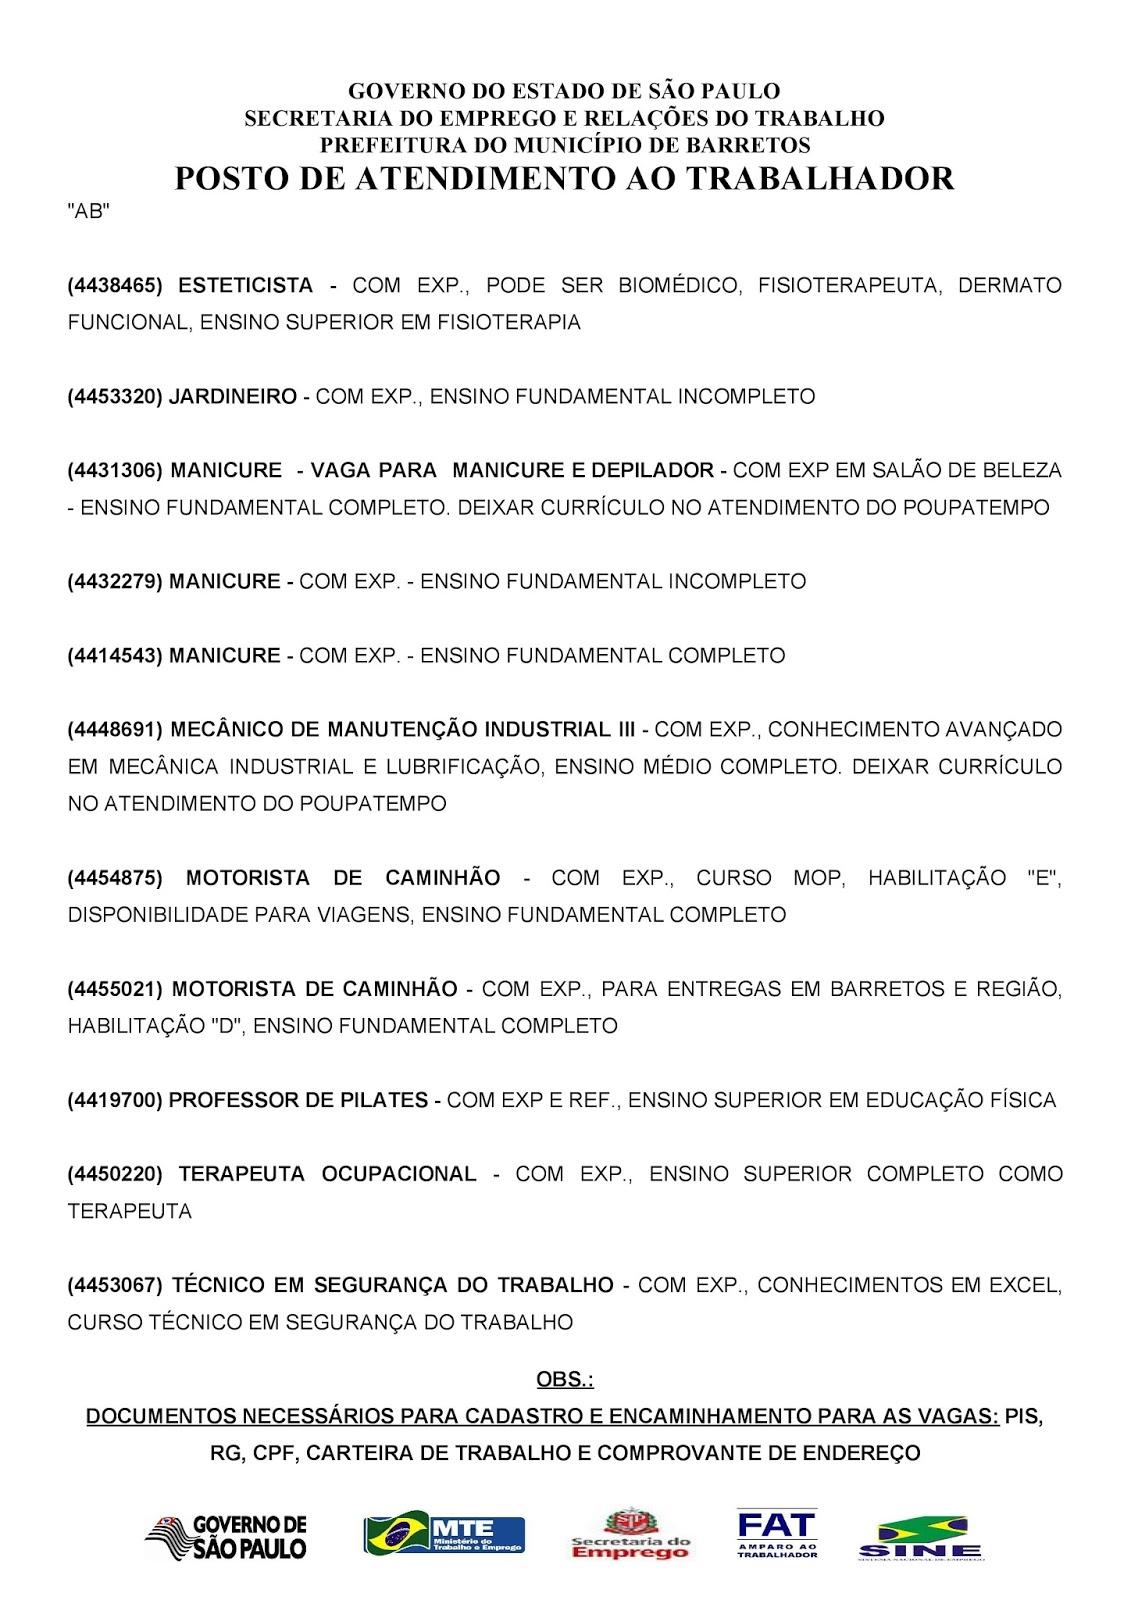 VAGAS DE EMPREGO DO PAT BARRETOS-SP PARA 04/04/2018 QUARTA-FEIRA - PARTE 2